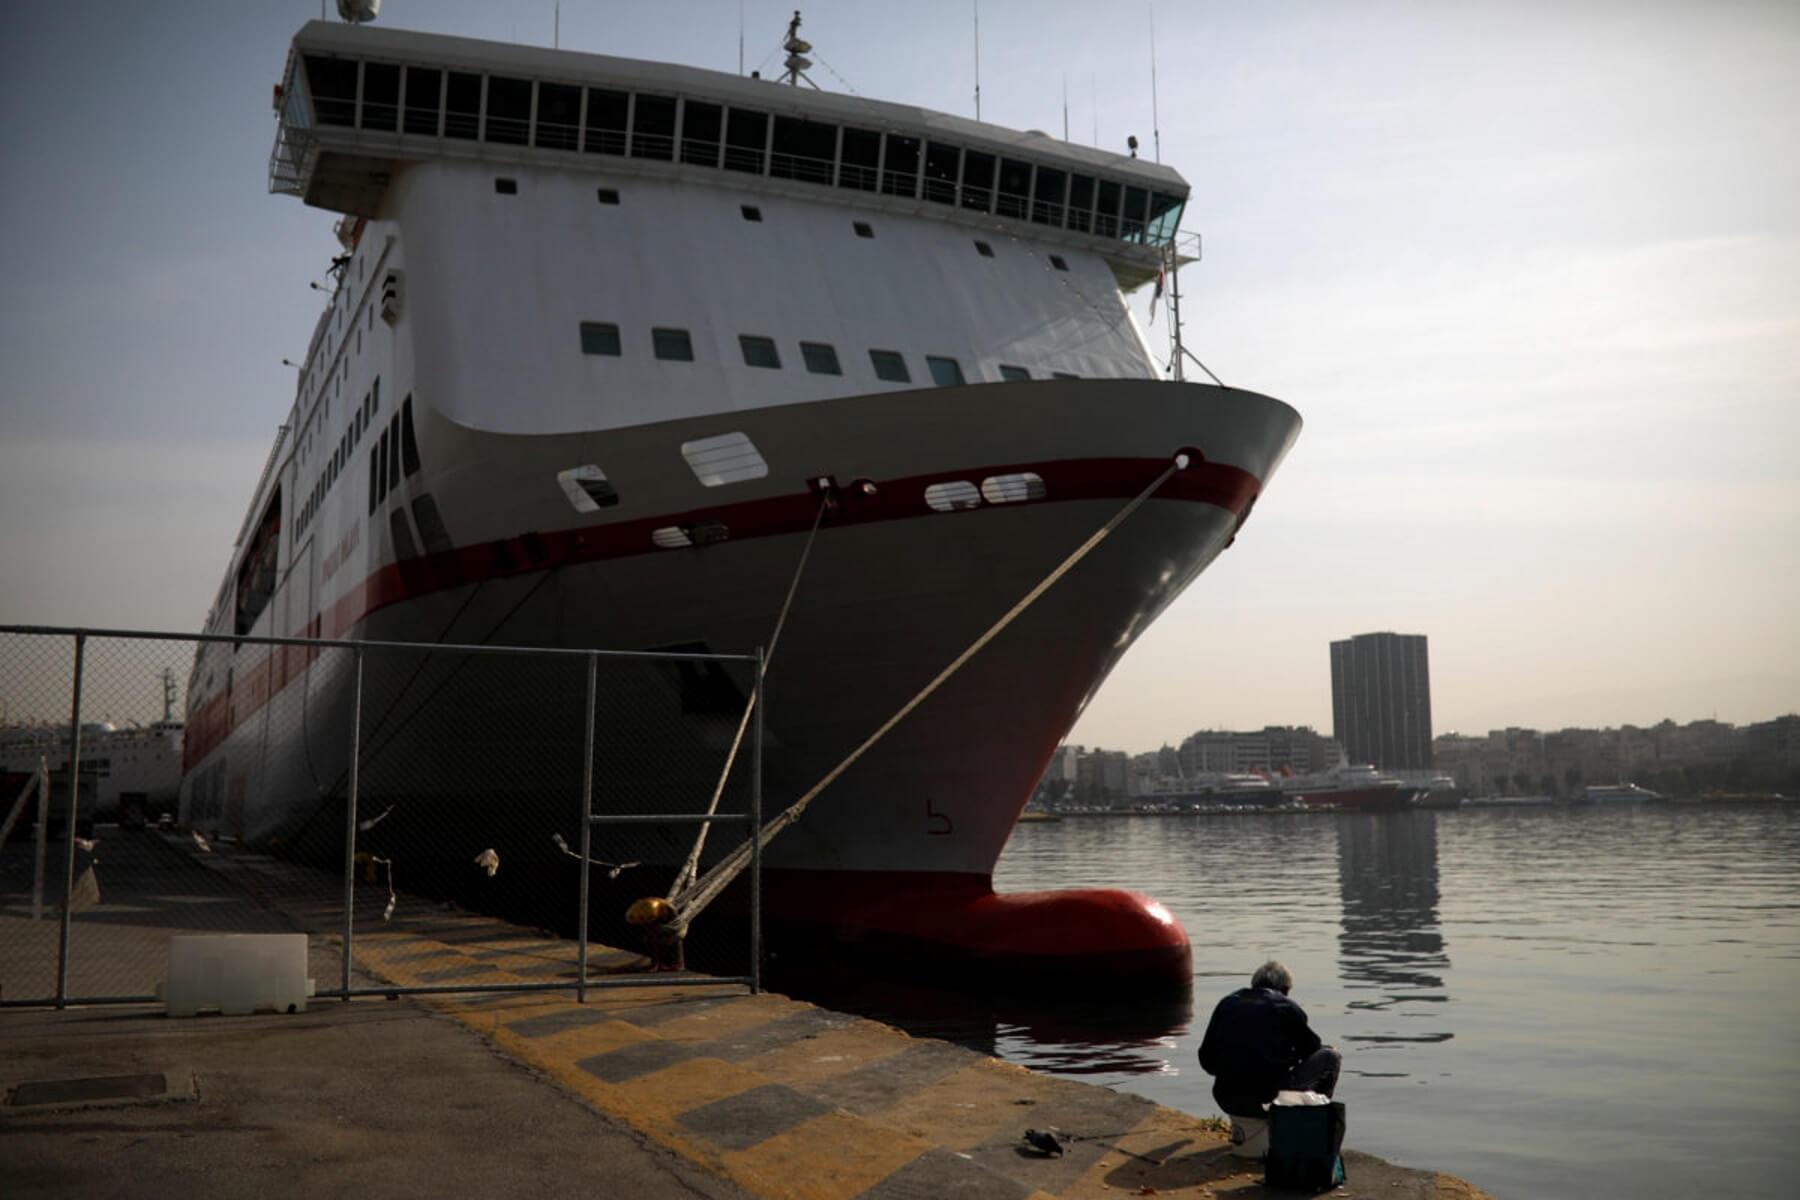 Πρωτομαγιά: Δεμένα τα πλοία στα λιμάνια – 24ώρη απεργία αποφάσισε η ΠΝΟ